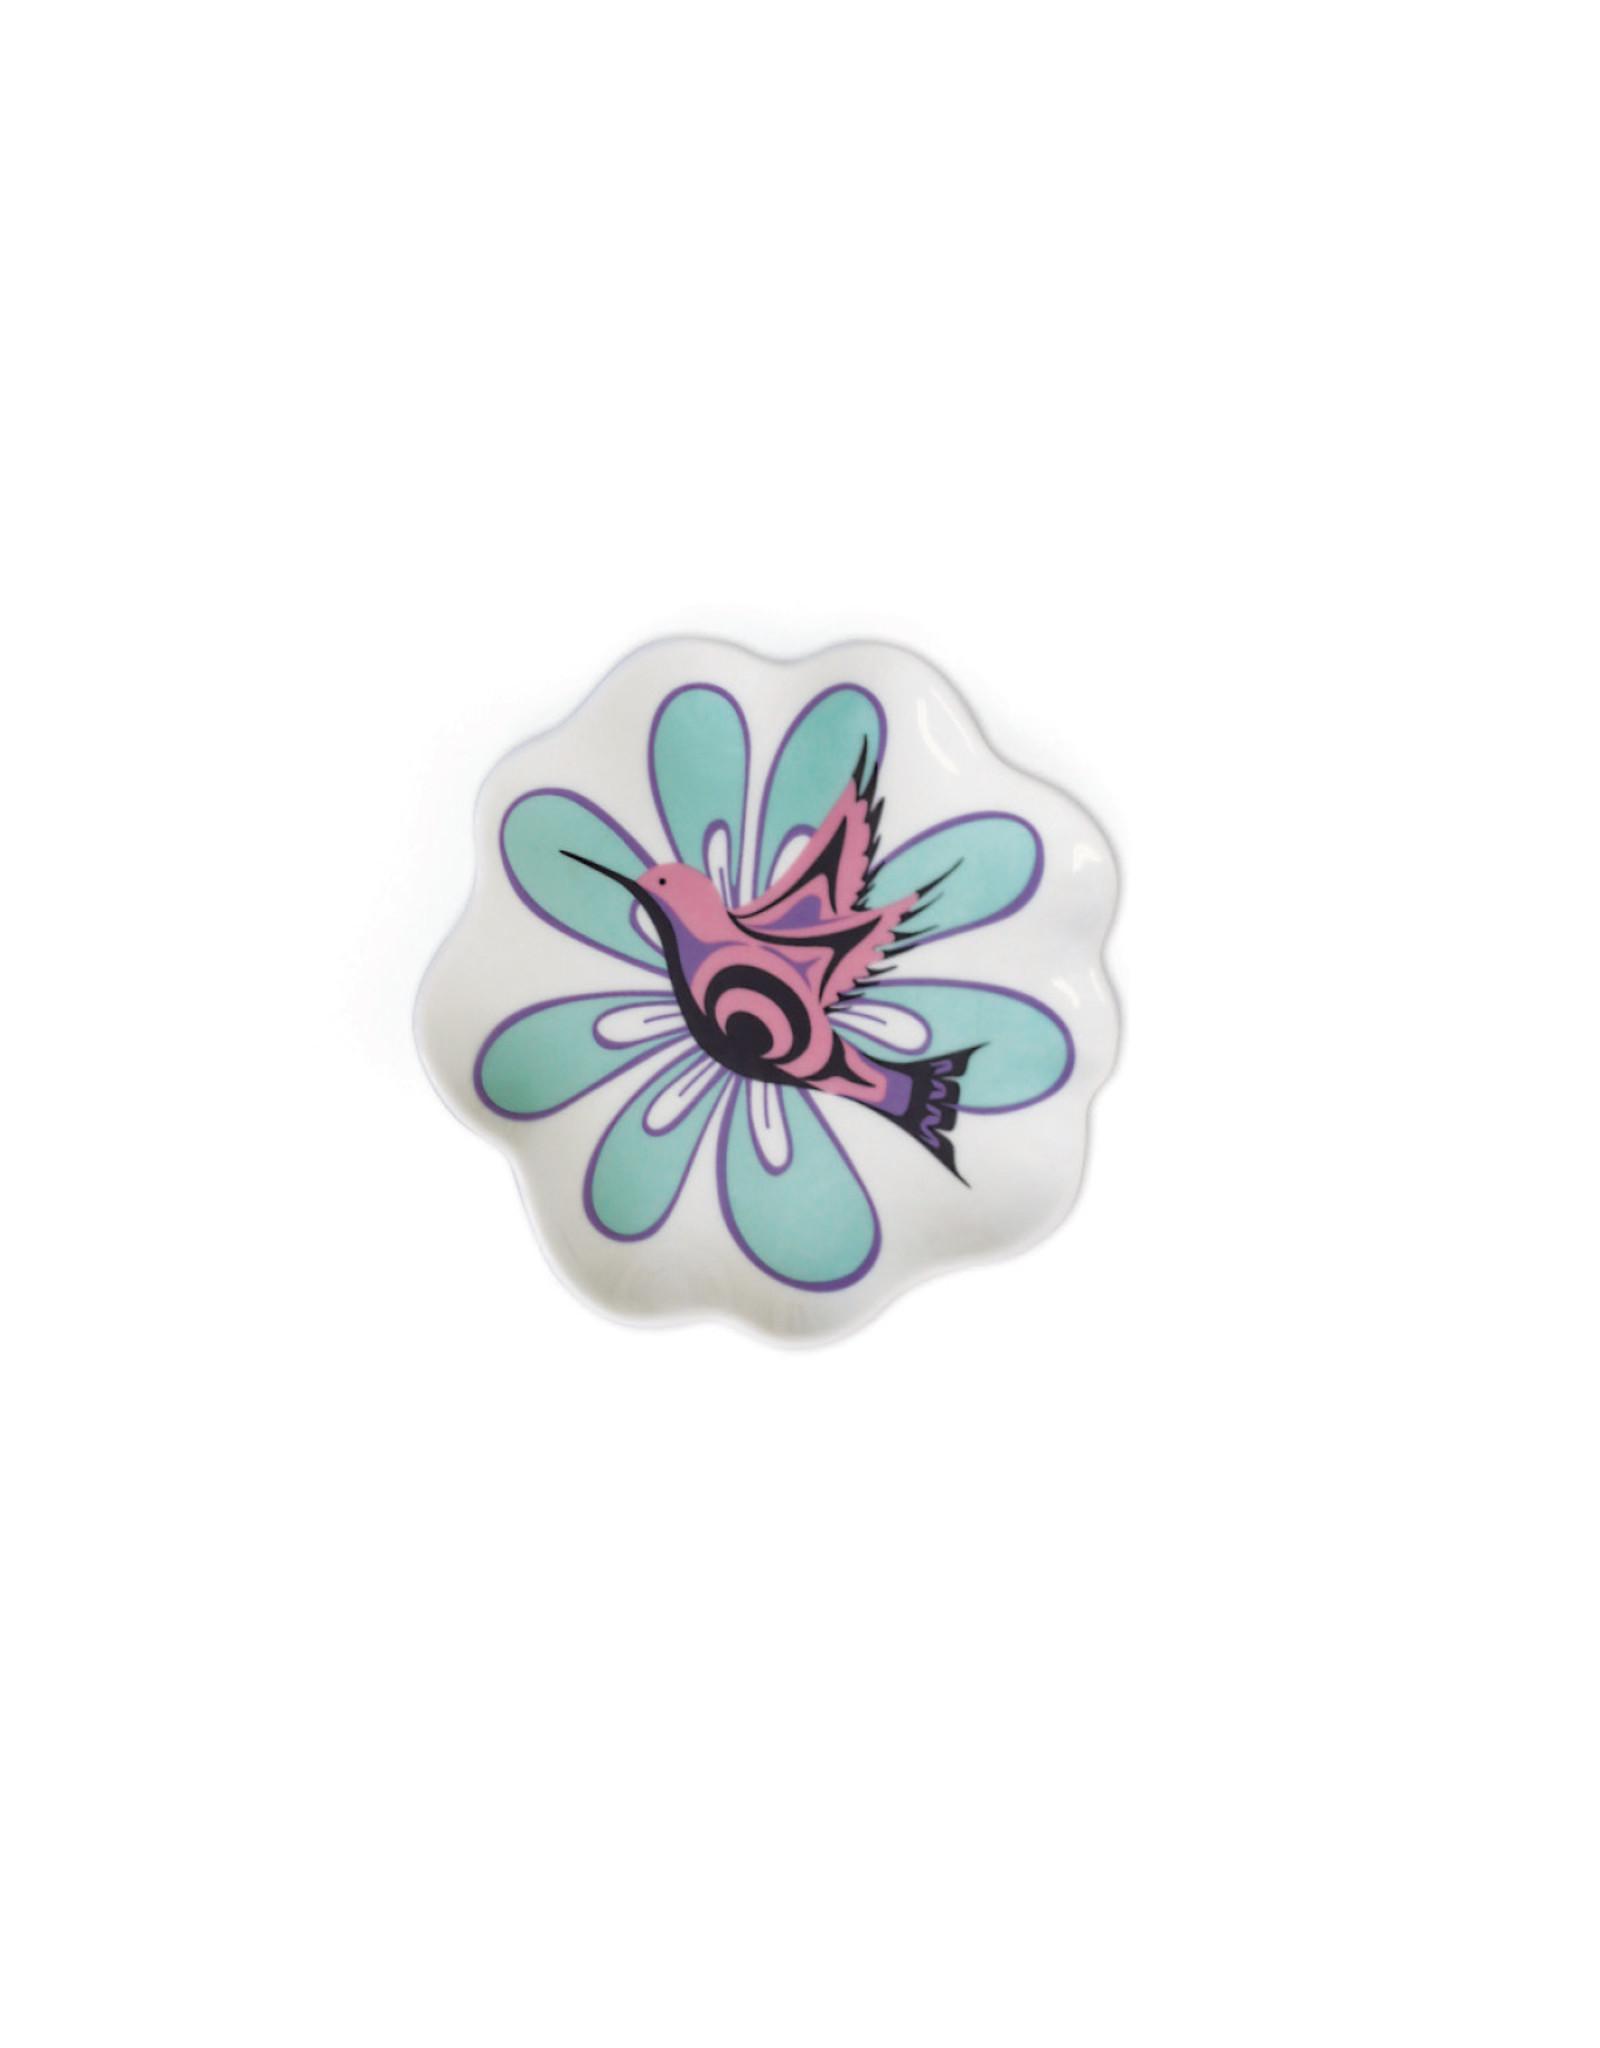 Petit Plat en Céramique - Hummingbird par Nicole La Rock (TDISH13)